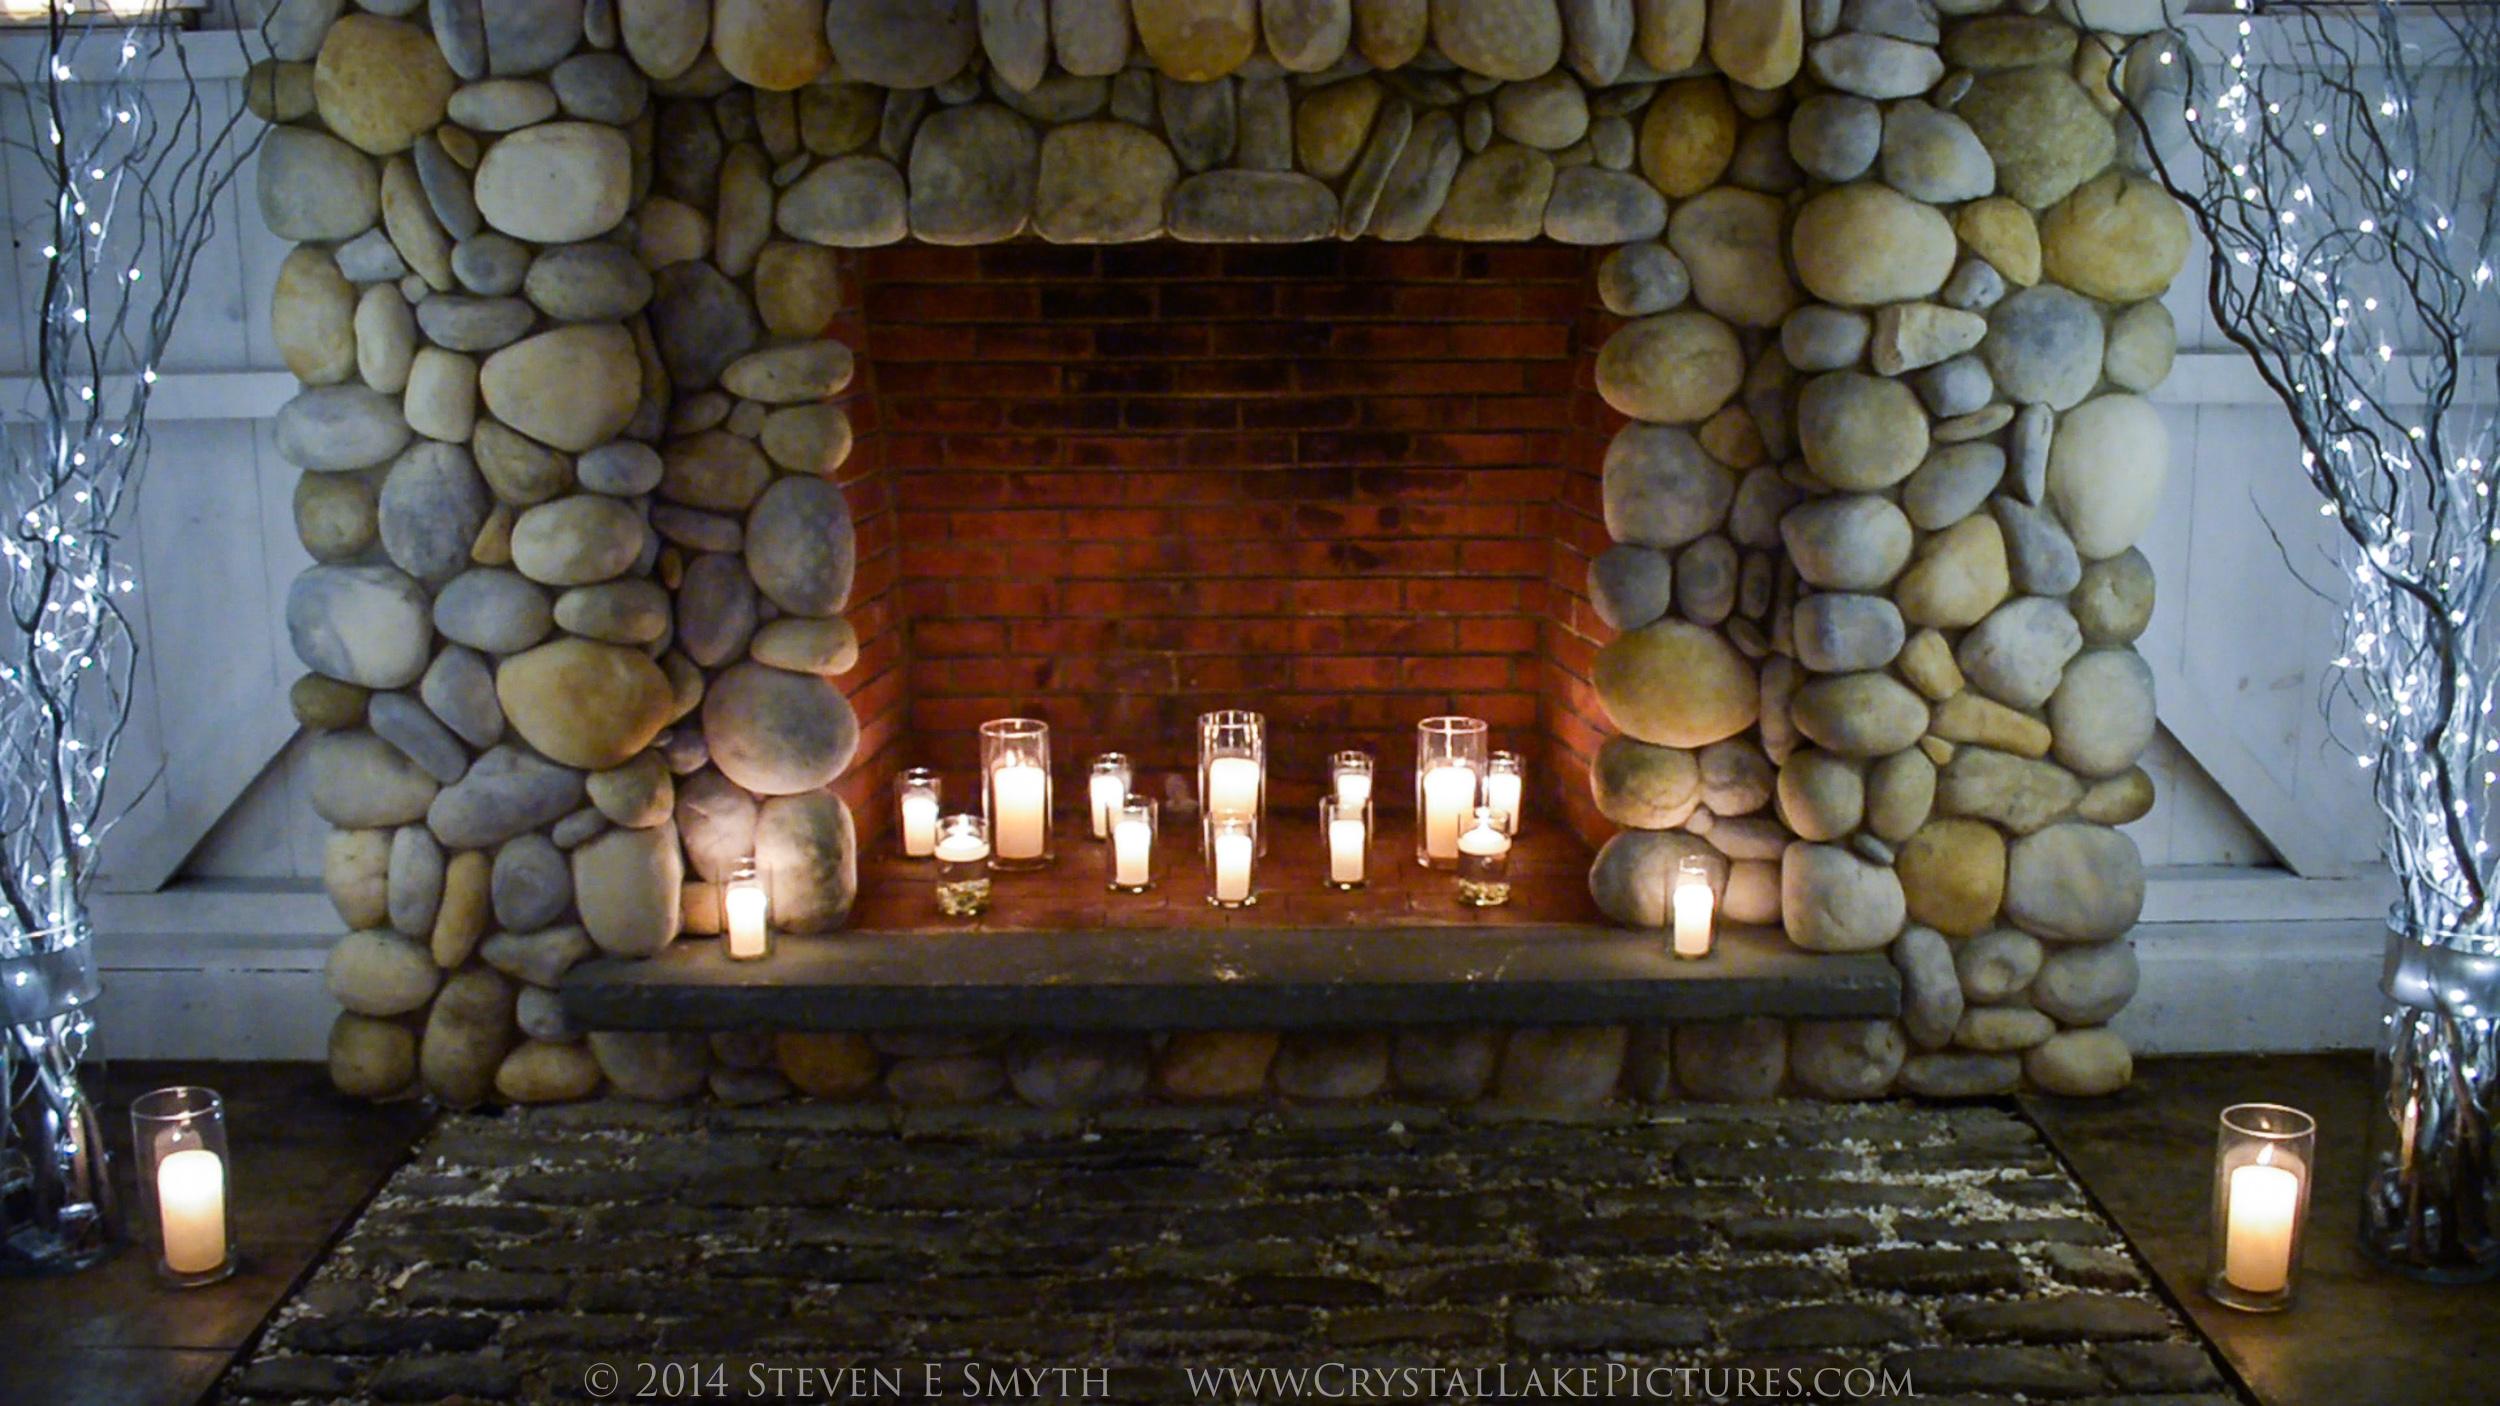 0009_2014NYE_fireplace-2.jpg